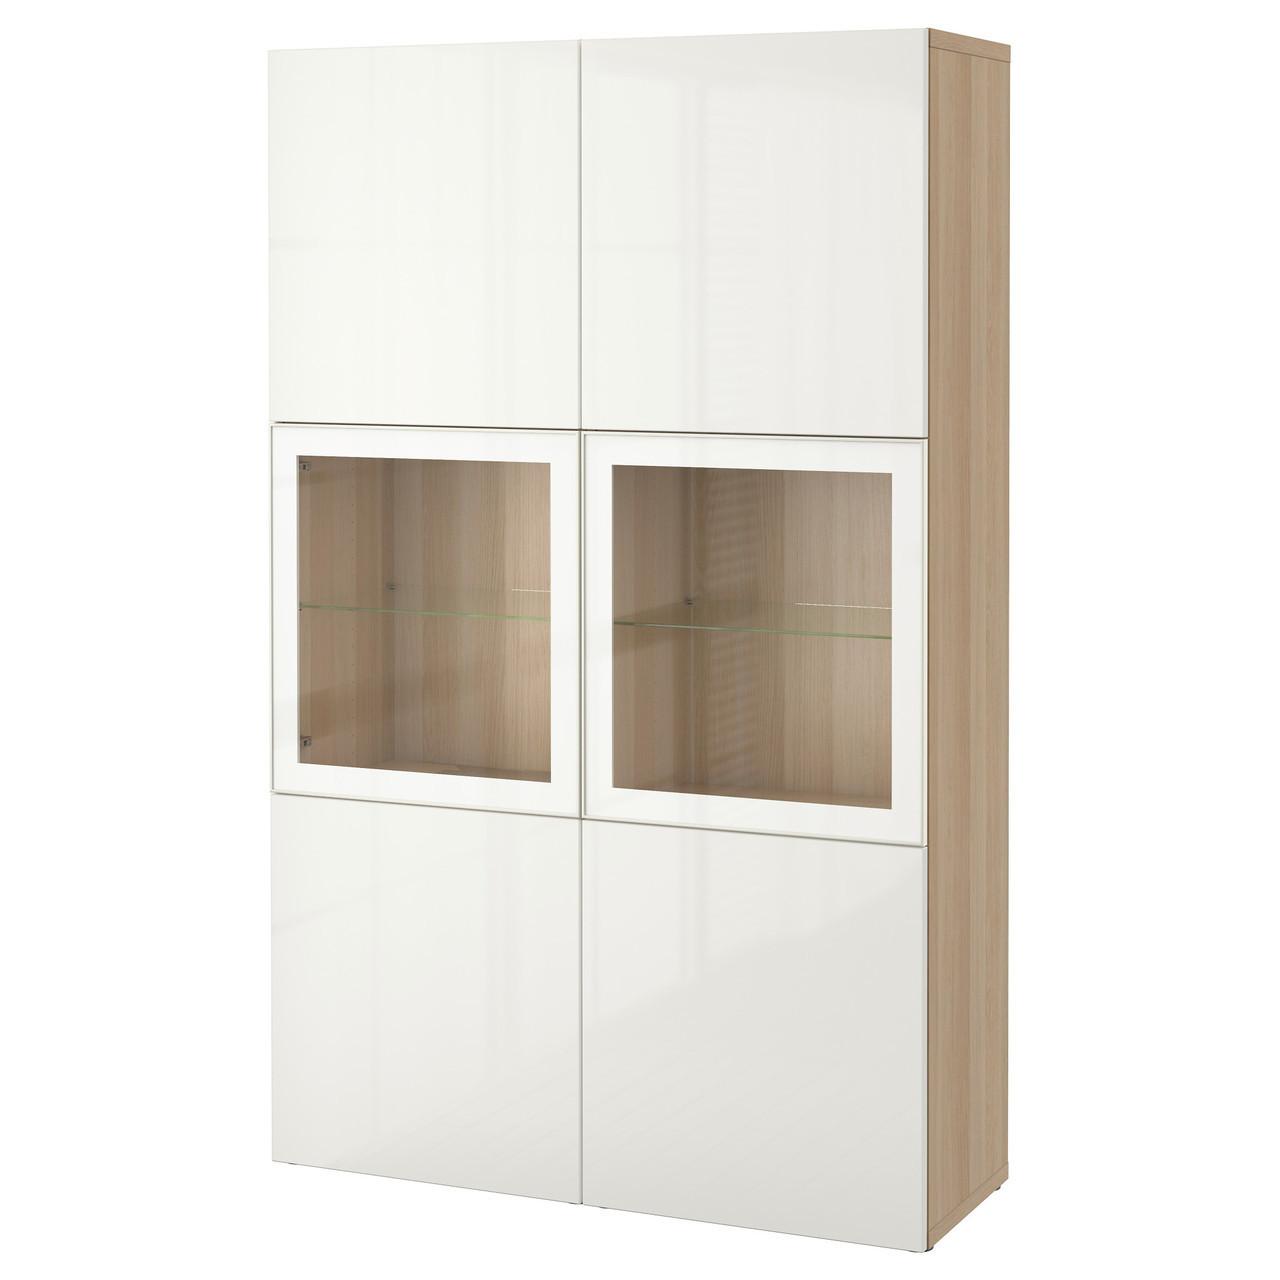 BESTÅ Стеллаж/стеклянная дверь, дуб bejcowany бело, Selsviken глянцевый белый стекло, прозрачный 190.898.51